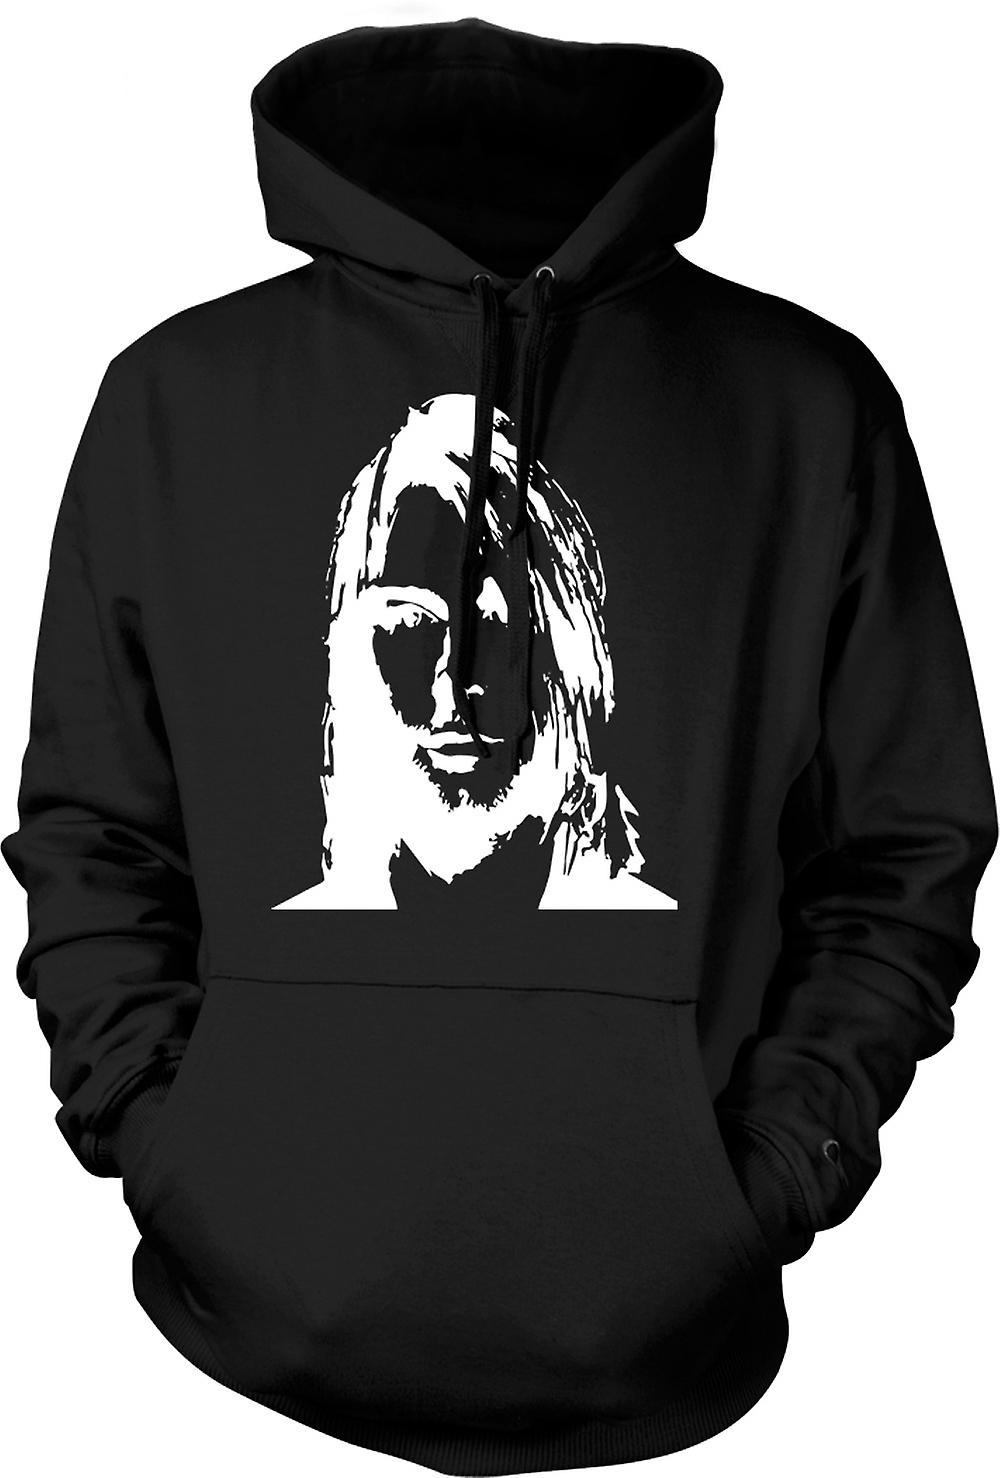 Mens Hoodie - Nirvana - Kurt Cobain - Sketch